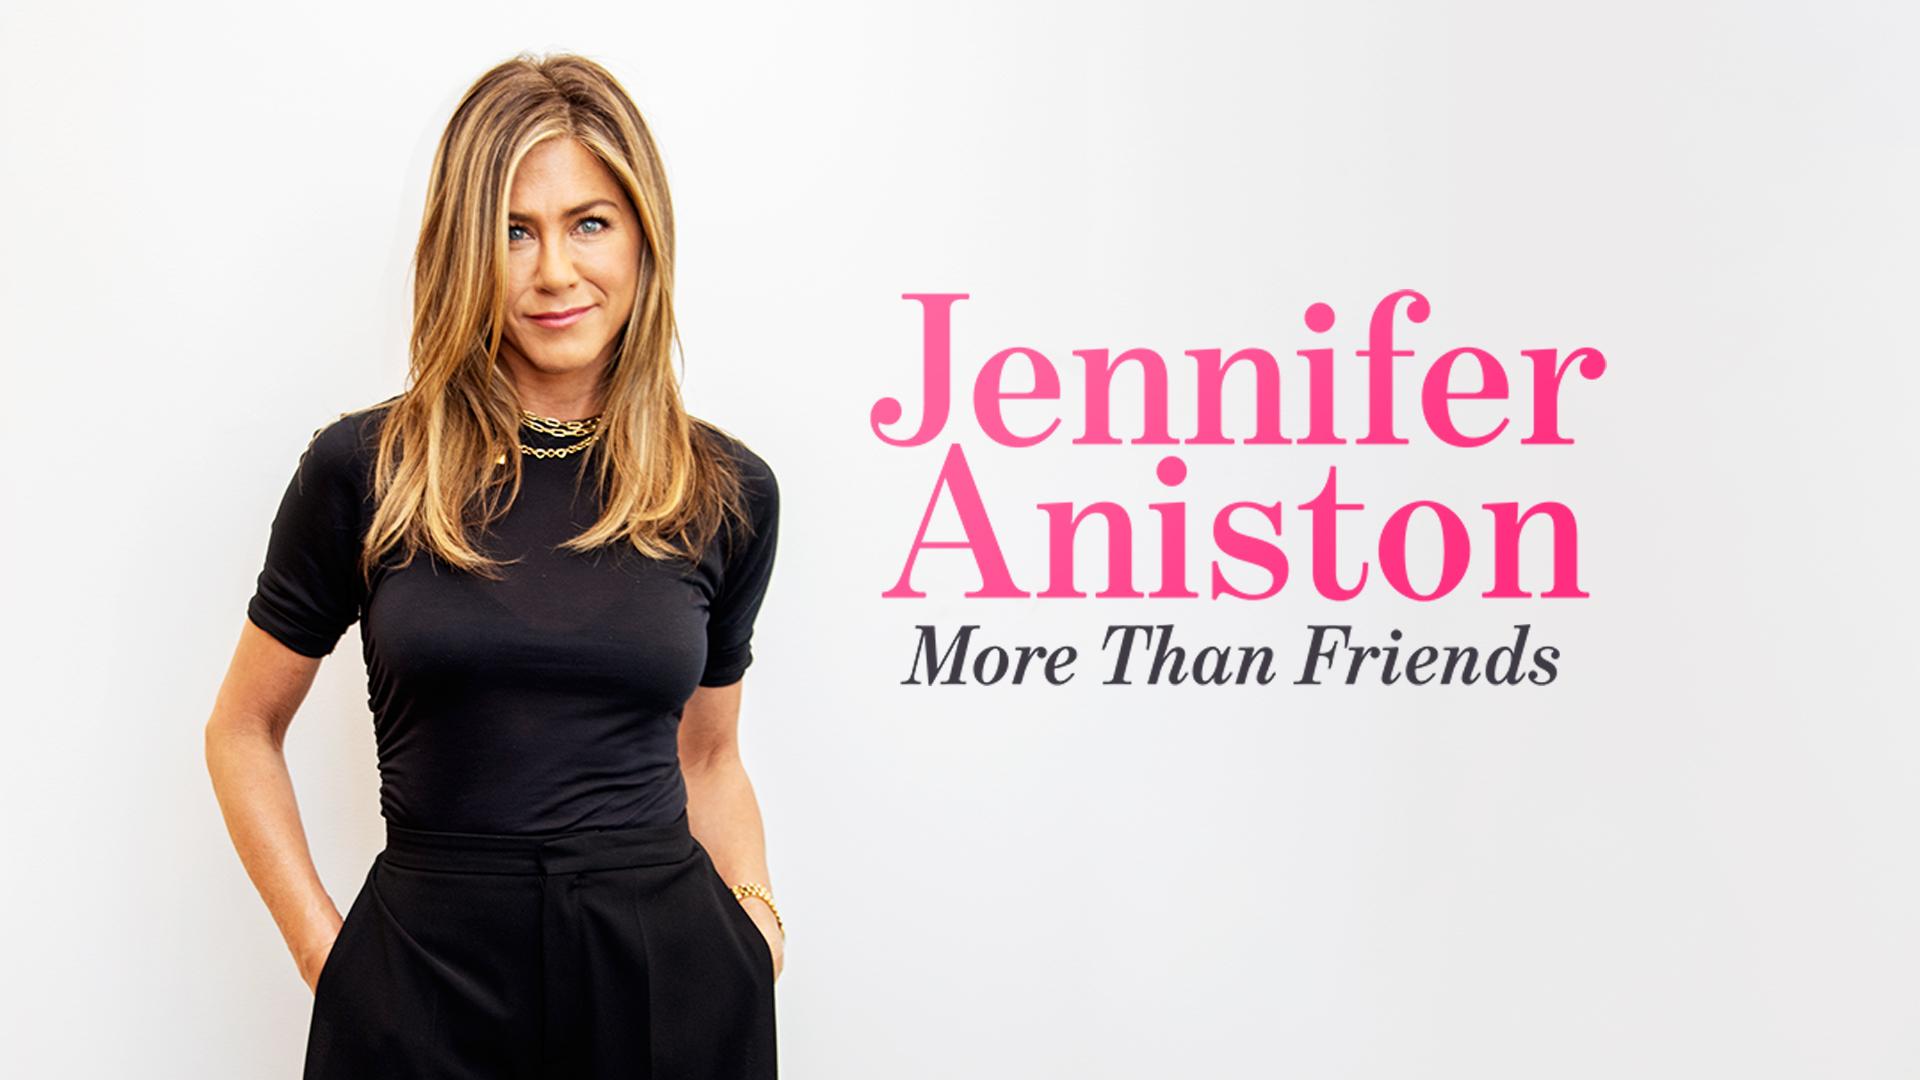 """فيلم جنيفر أنيستون  """"أكثر من مجرد أصدقاء"""""""